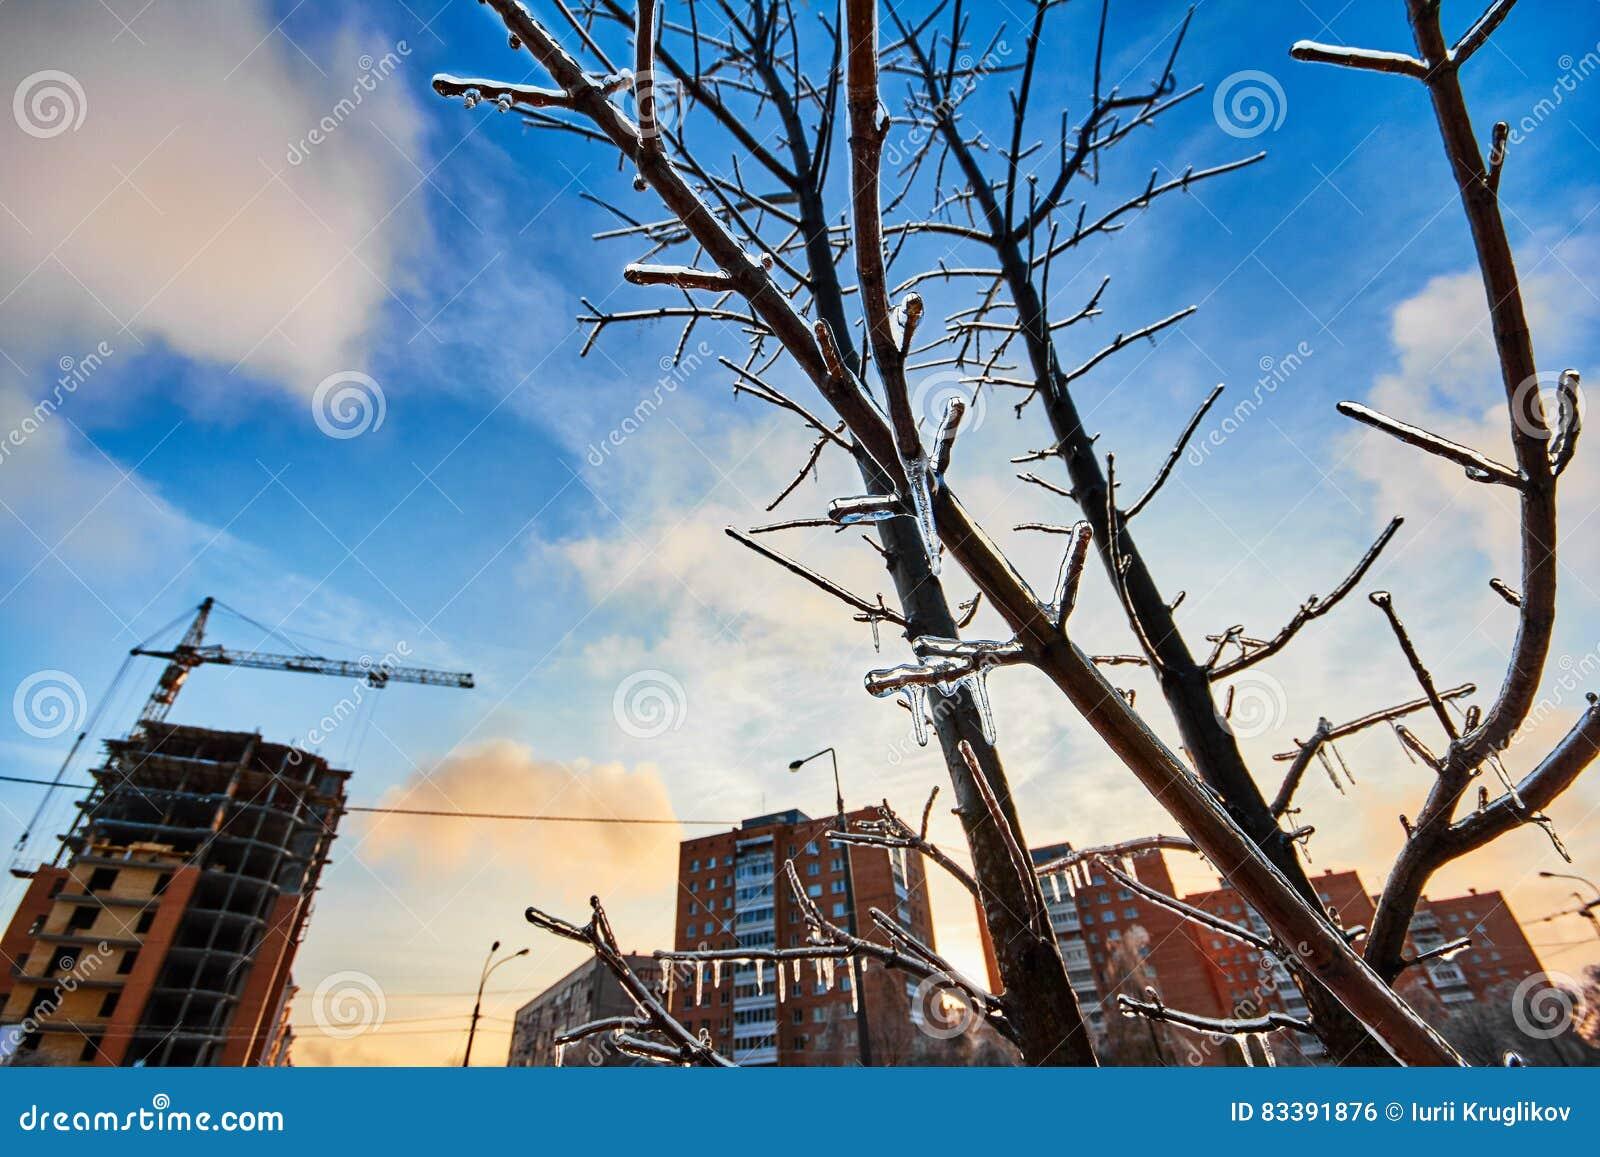 Замороженный над деревьями на заднем плане города зимы